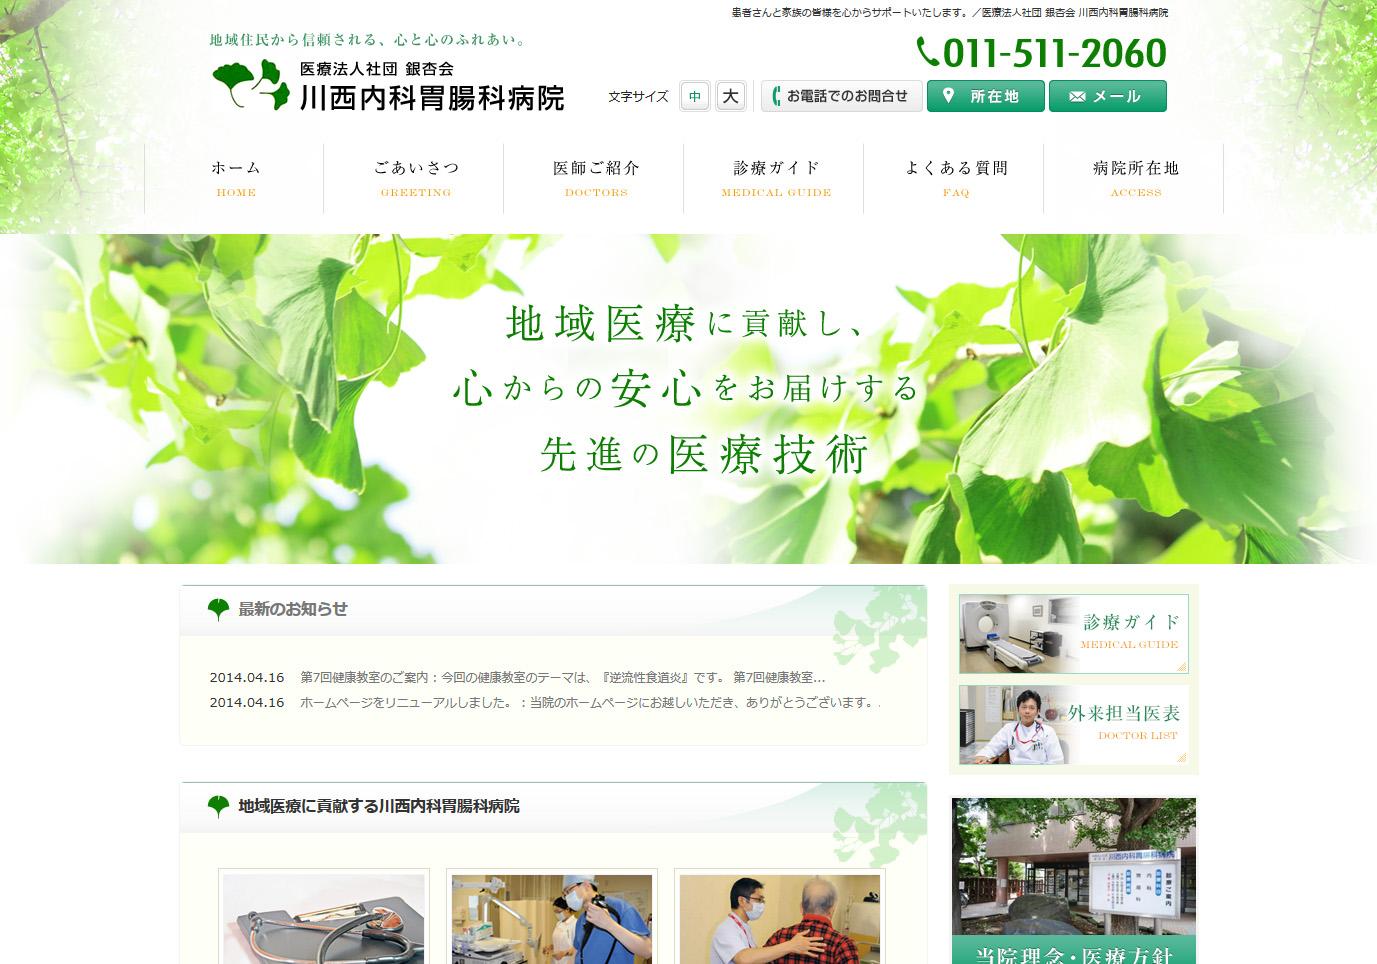 医療法人社団 銀杏会 川西内科胃腸科病院